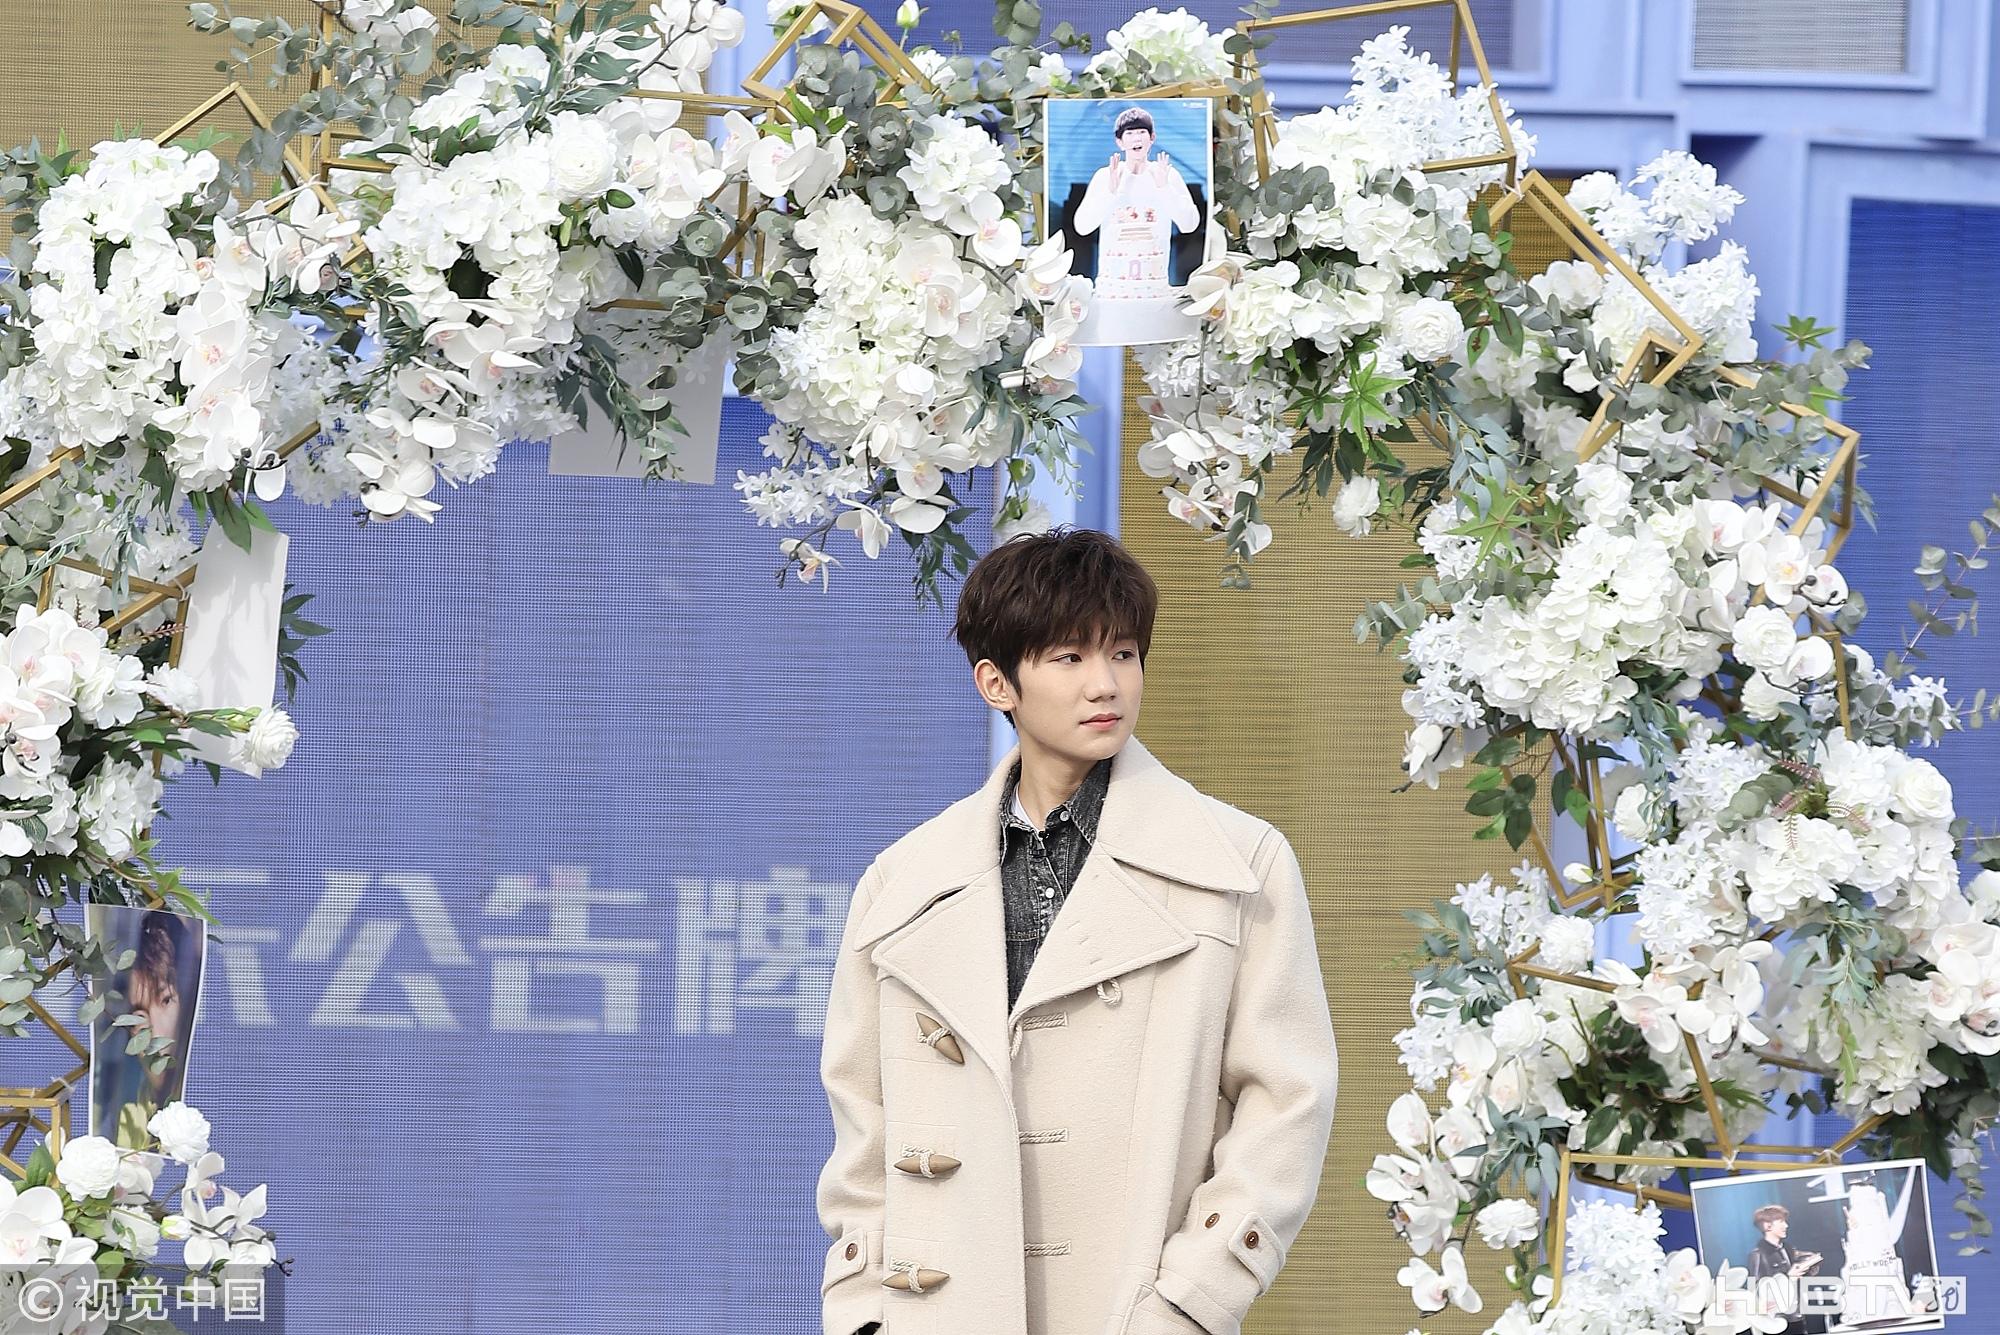 王源获粉丝送鲜花拱门庆18岁生日 穿宽肩大衣似偷翻爸爸衣柜